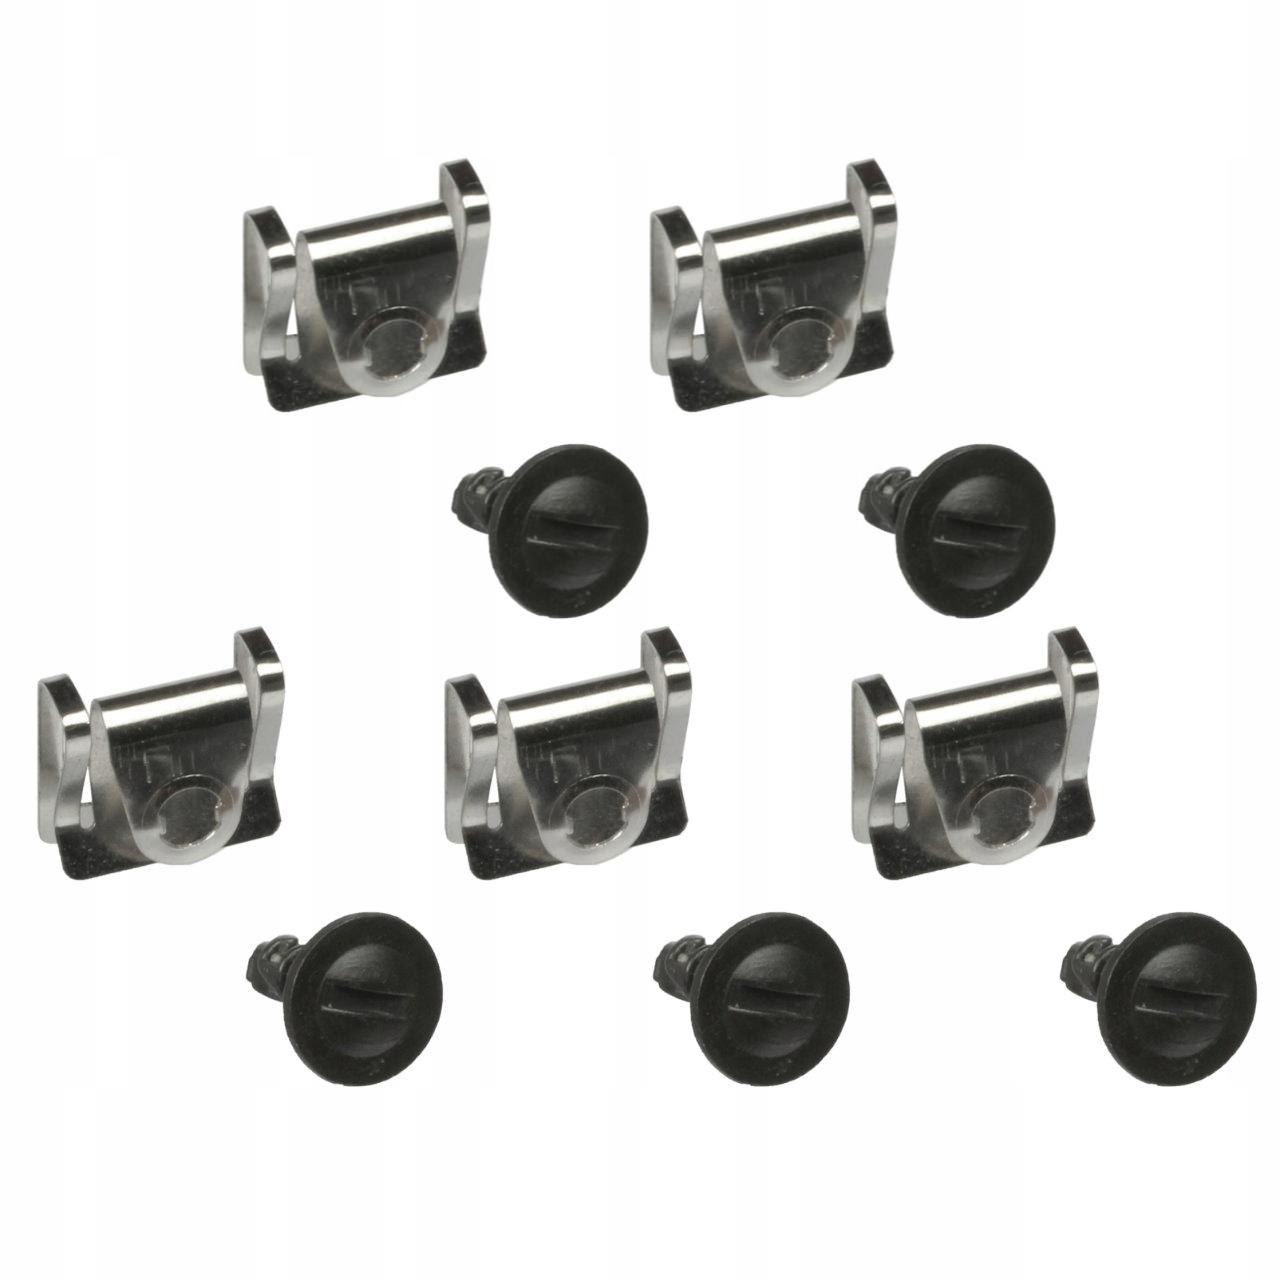 комплект запонки крышки коробки audi a4 b5 a6 c5 c6